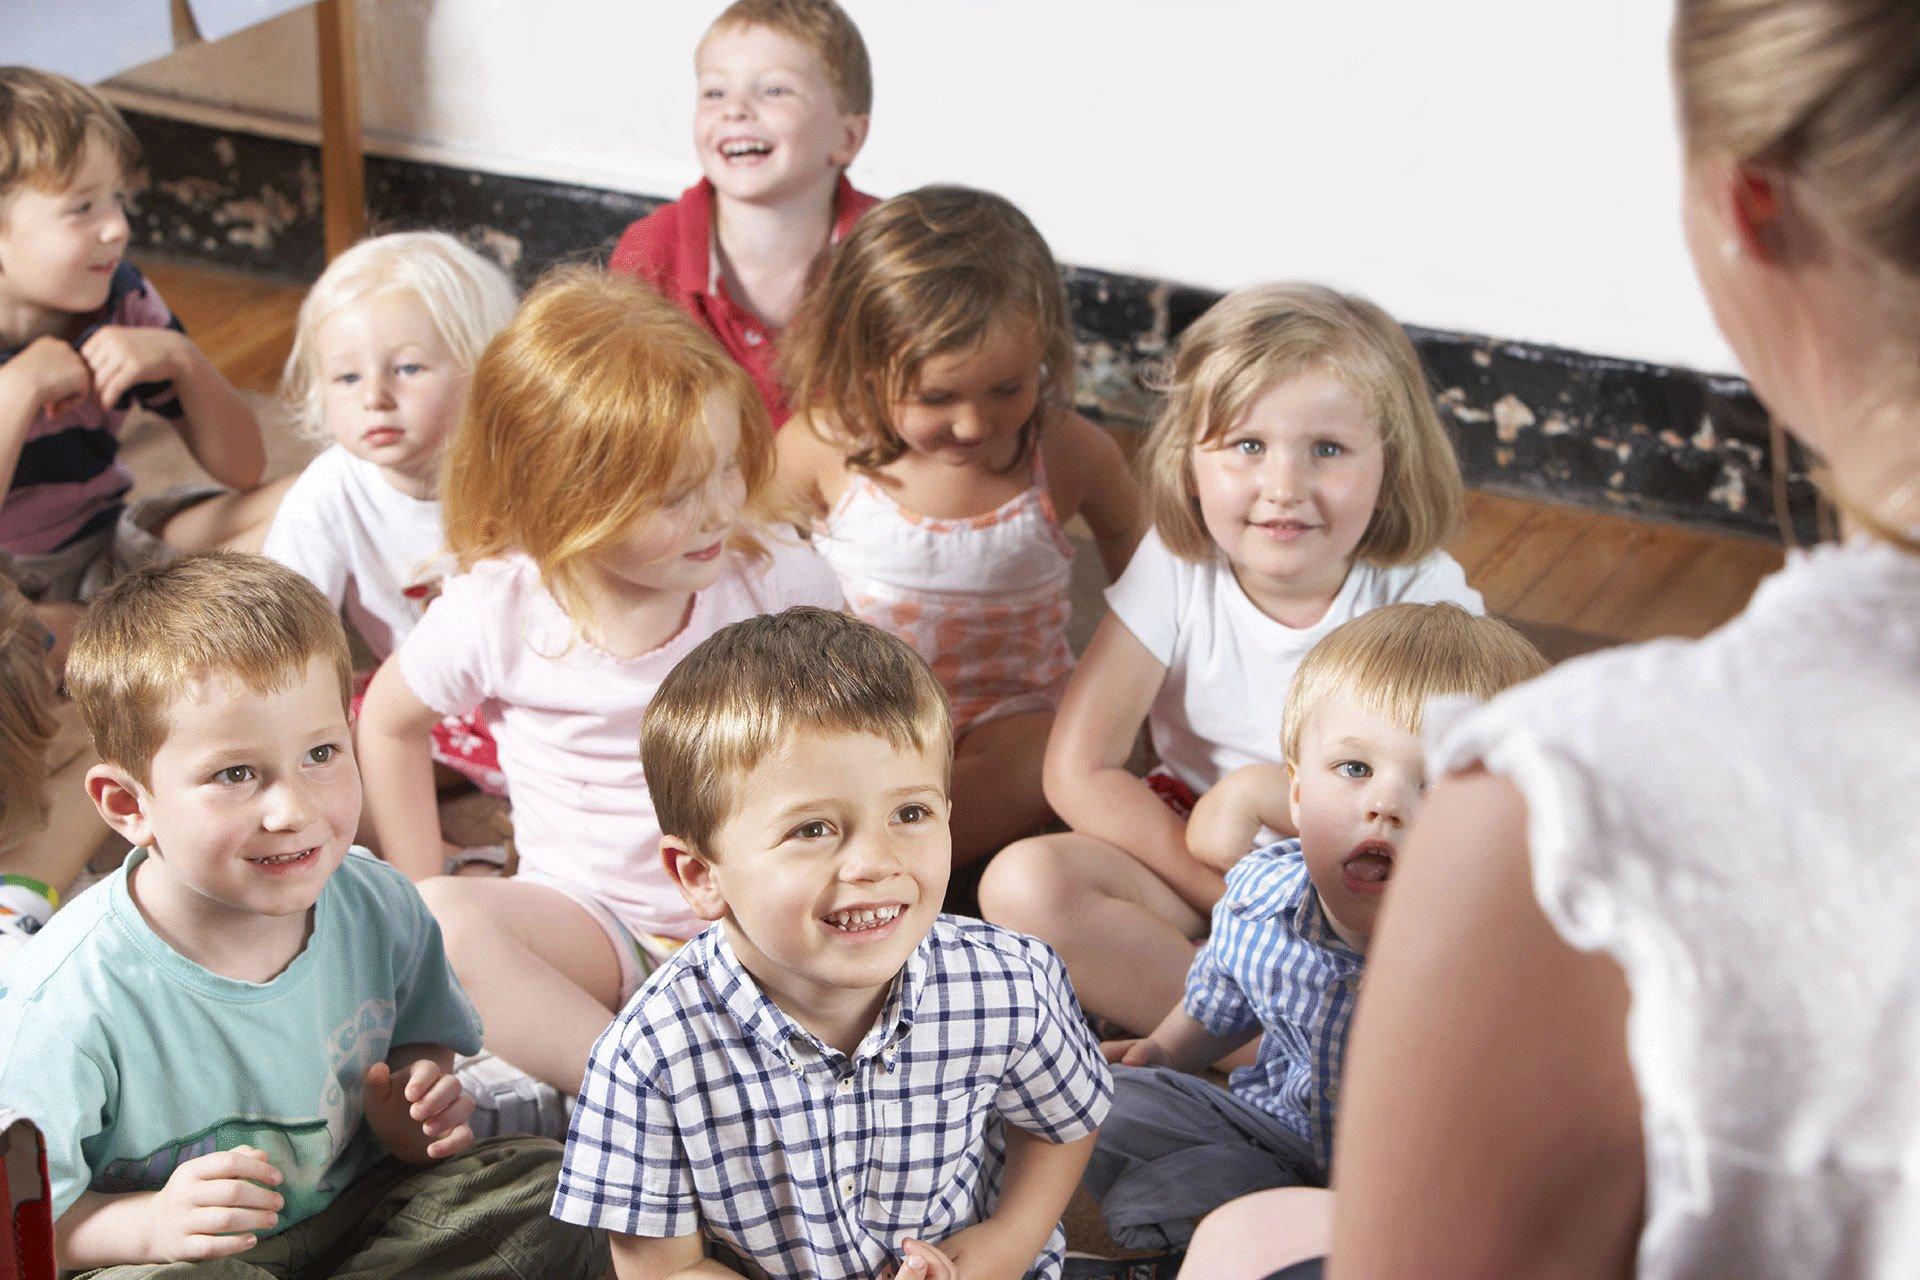 Child Care Center, San Antonio, TX